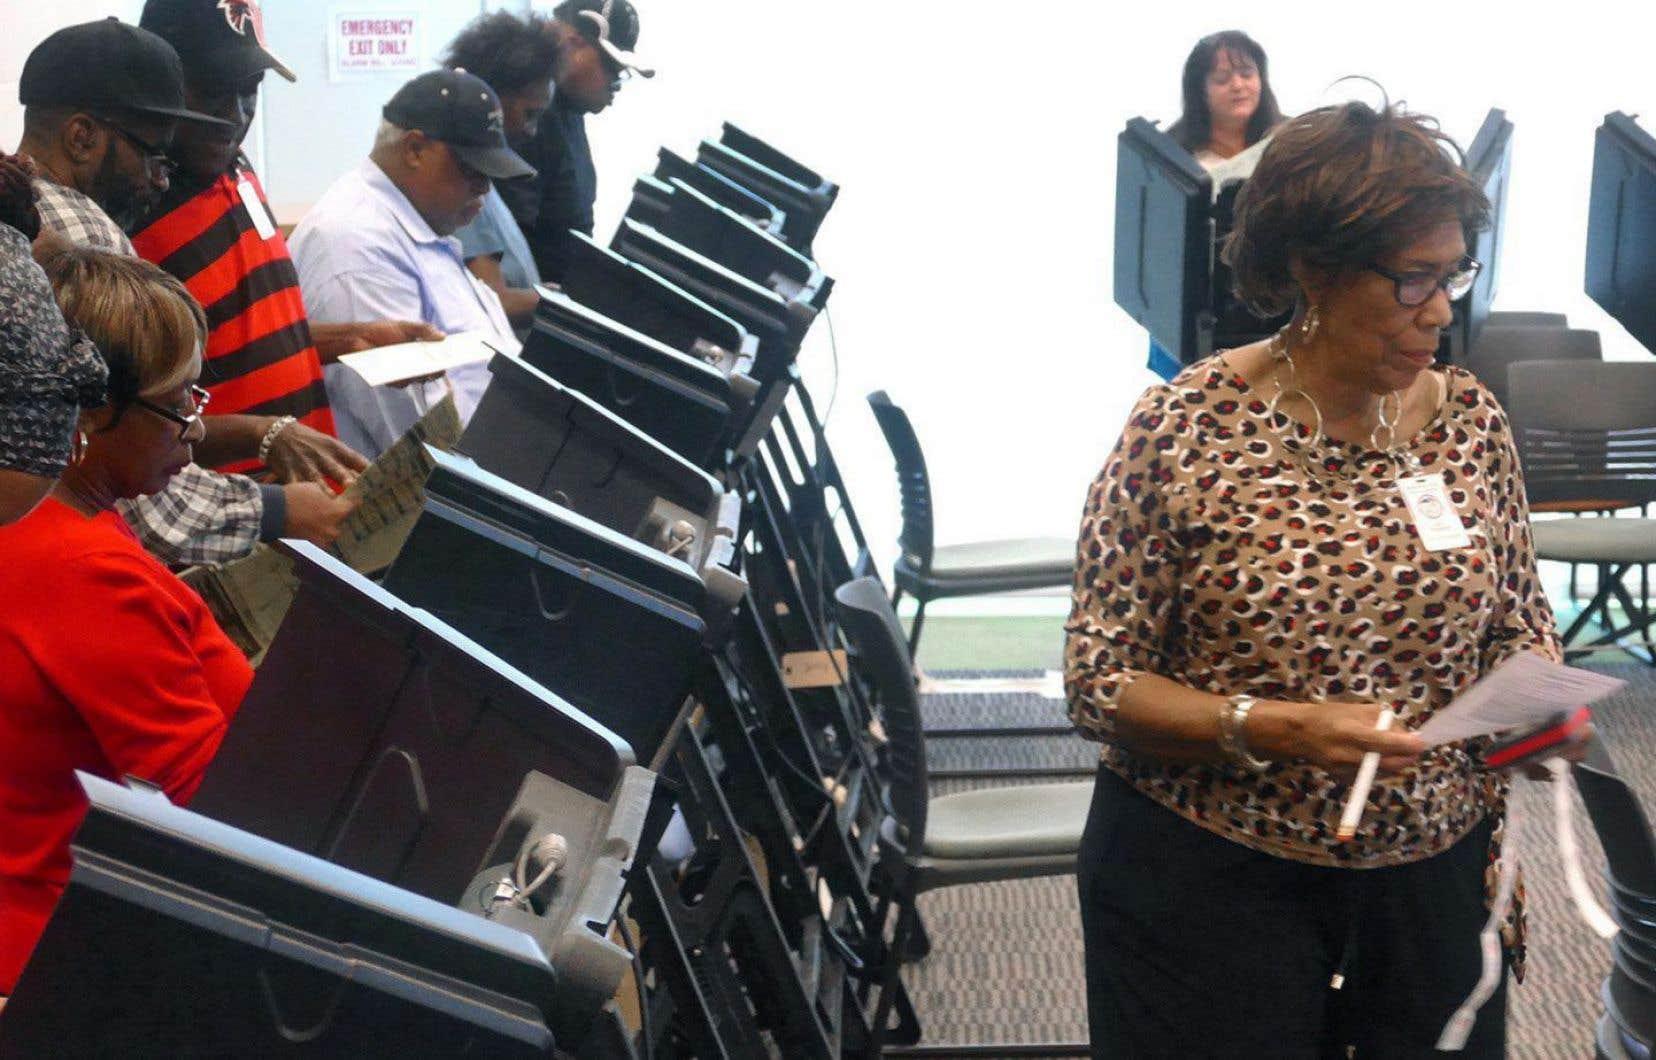 Des électeurs ayant voté par anticipation, le 20 octobre dernier, à Charlotte, en Caroline du Nord